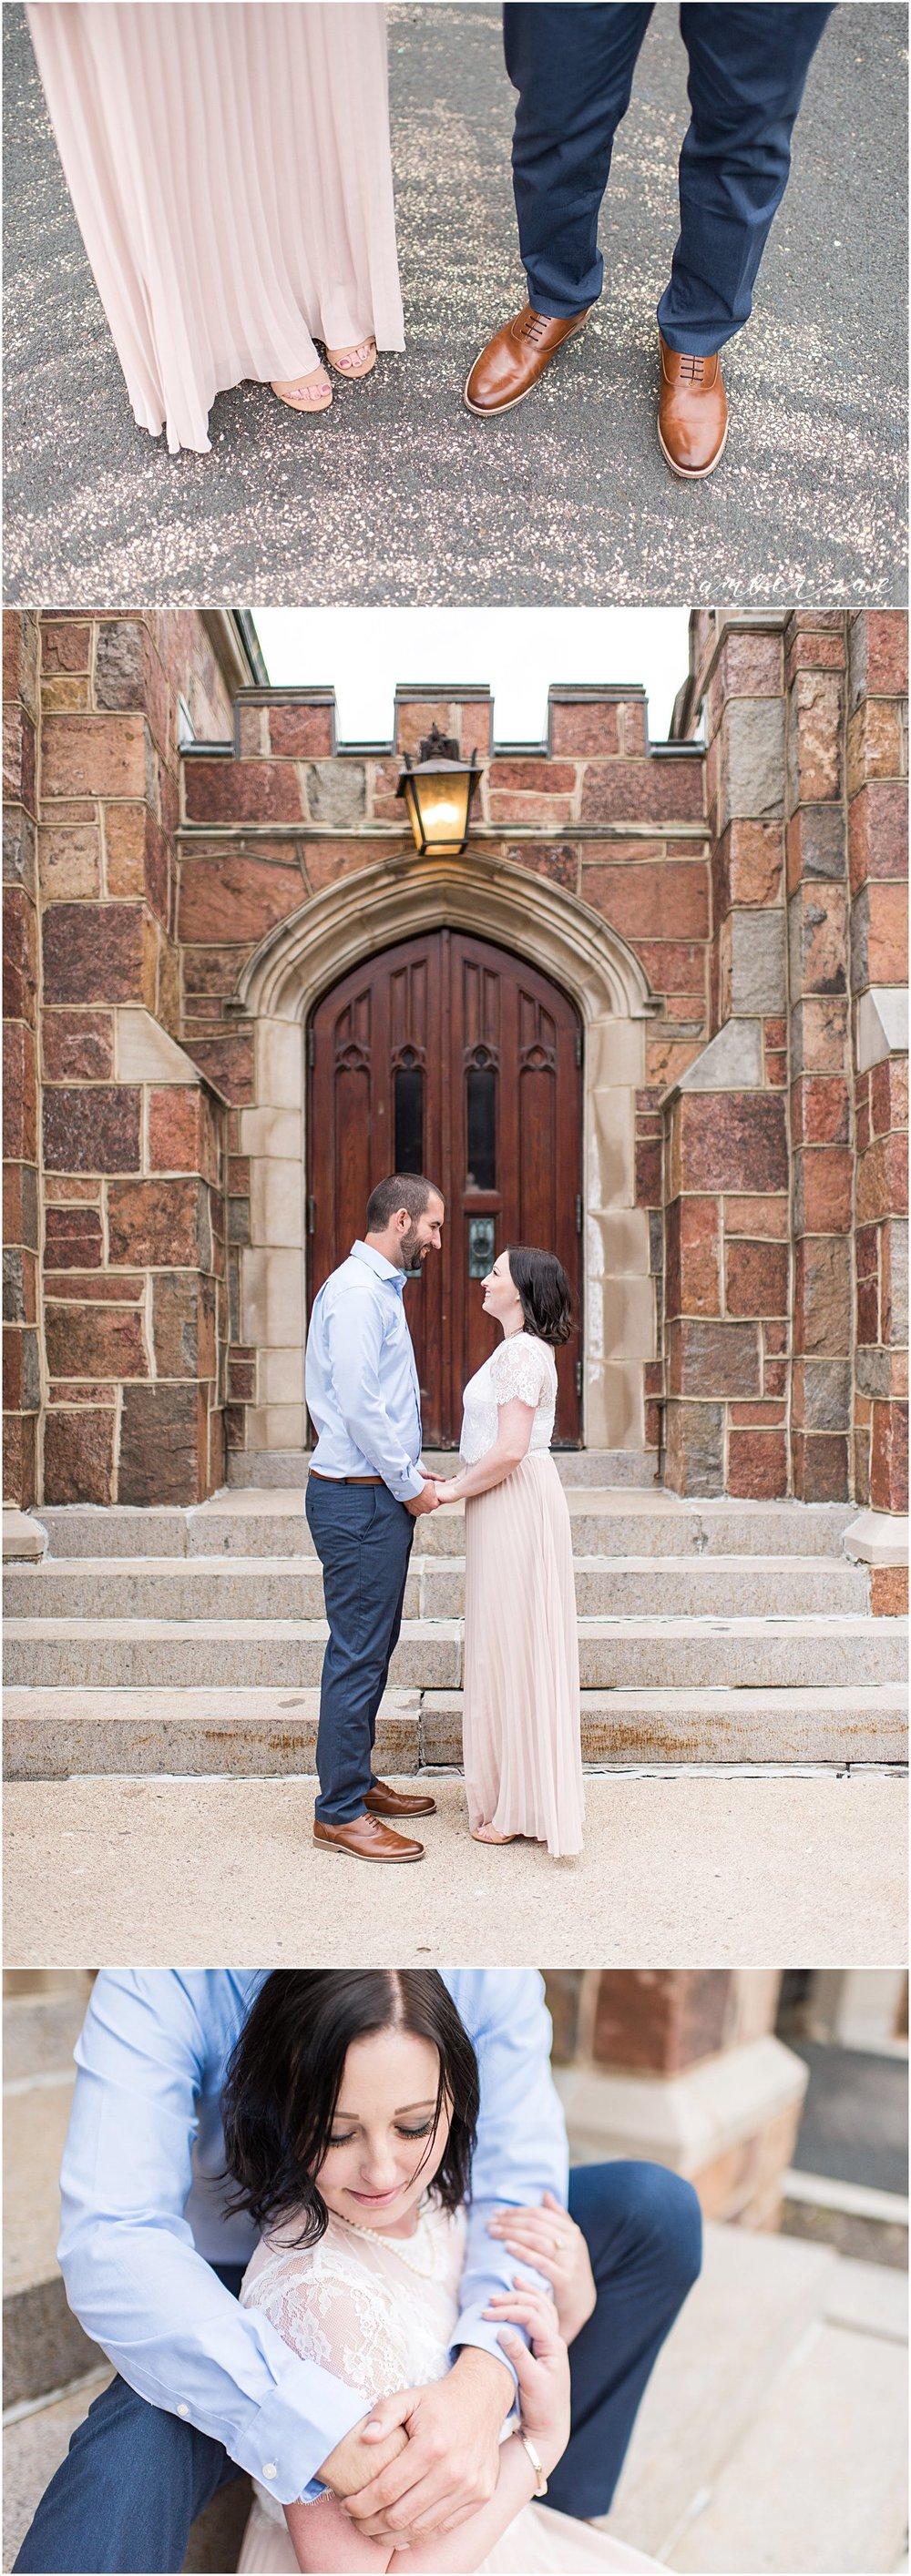 Chris + Kira, Engaged | June 2018_0003.jpg